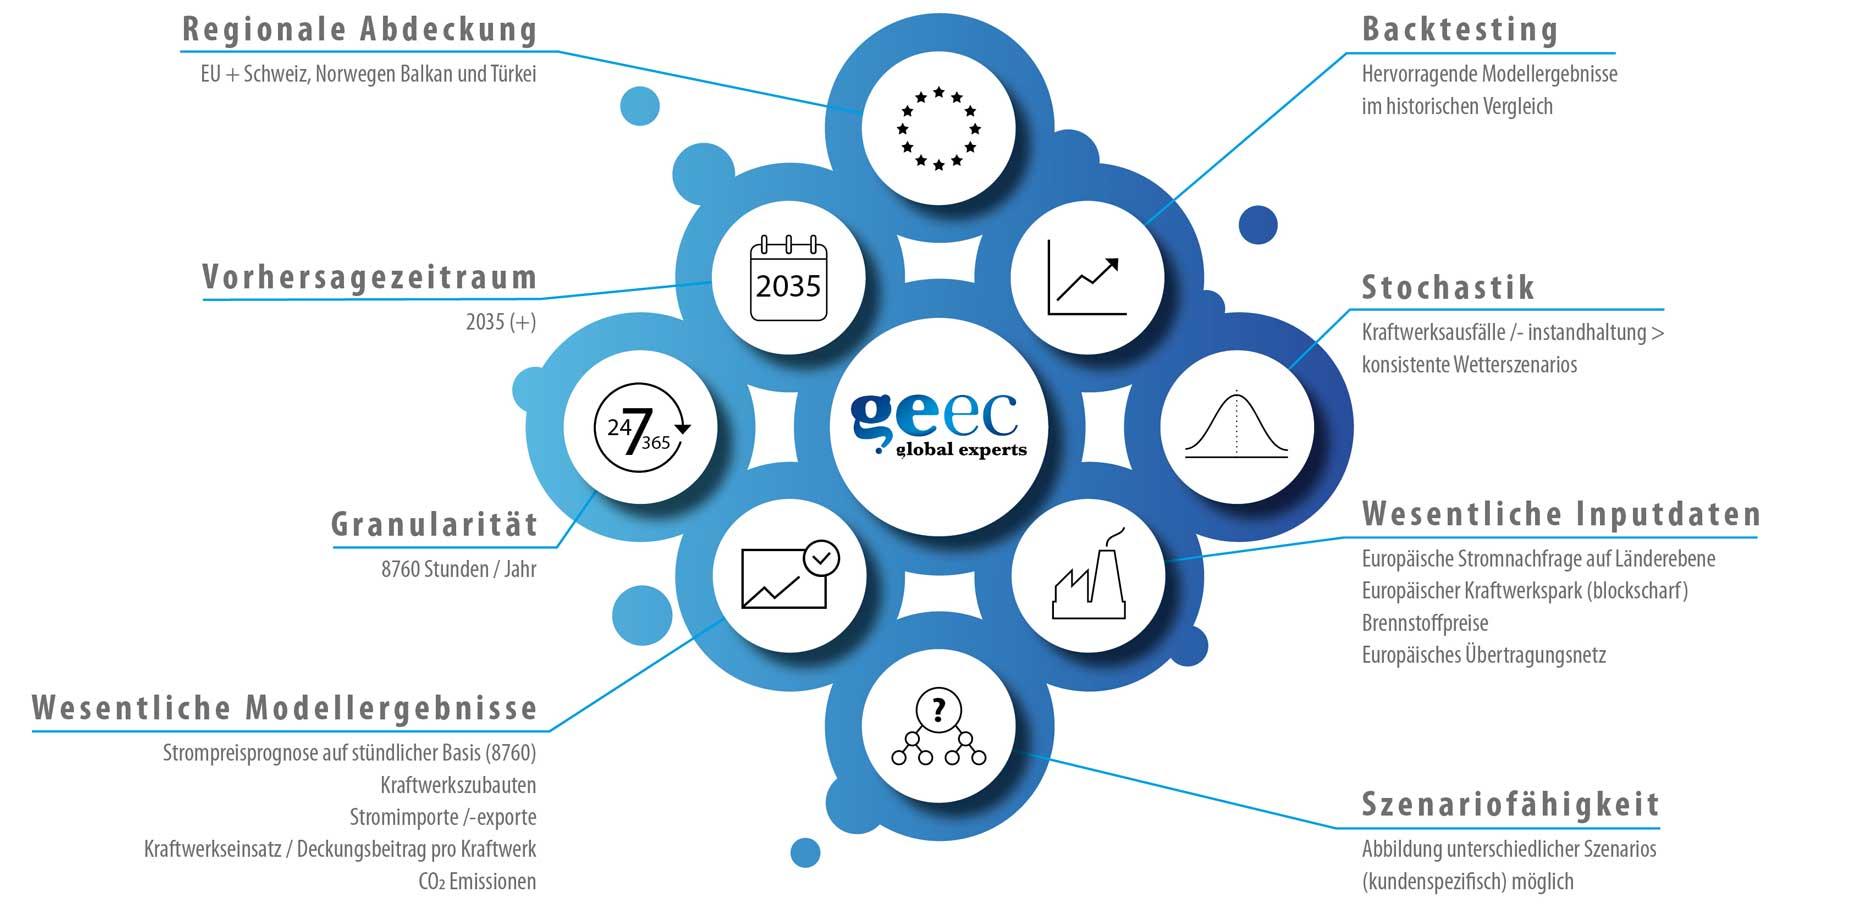 Geec Modellierung Strommärkte